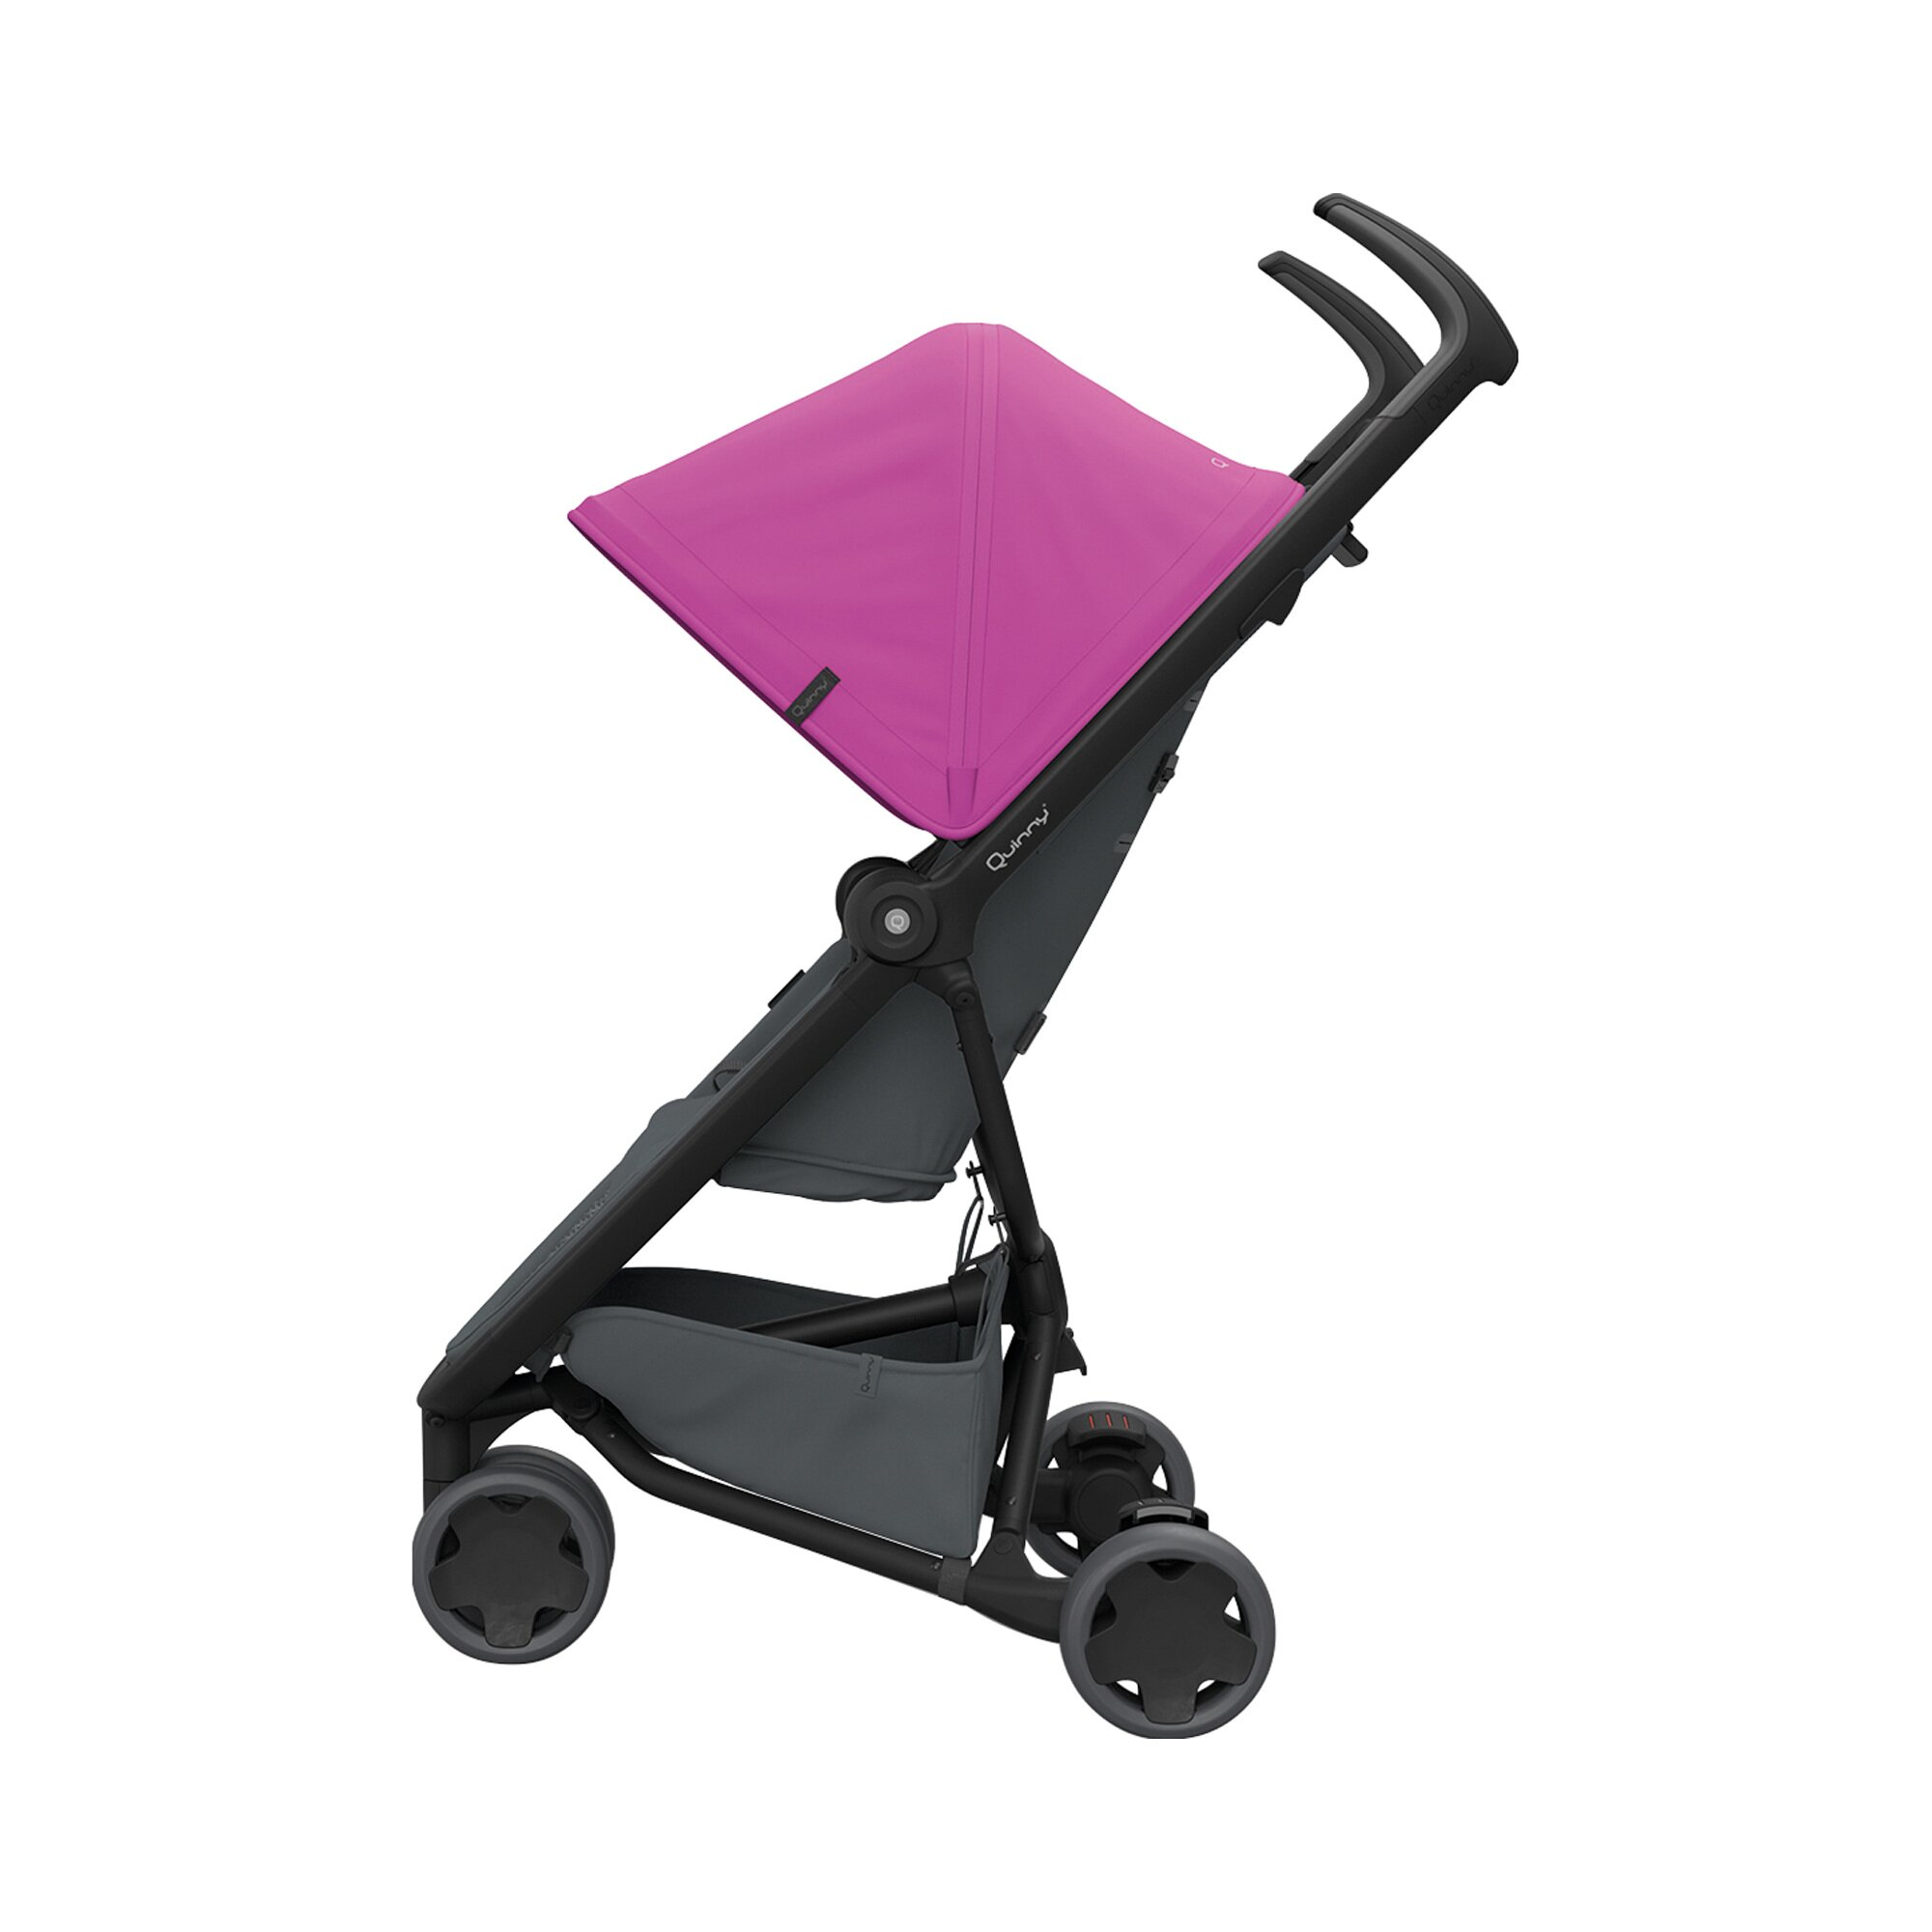 zapp-flex-buggy-mit-liegefunktion-design-2018-pink